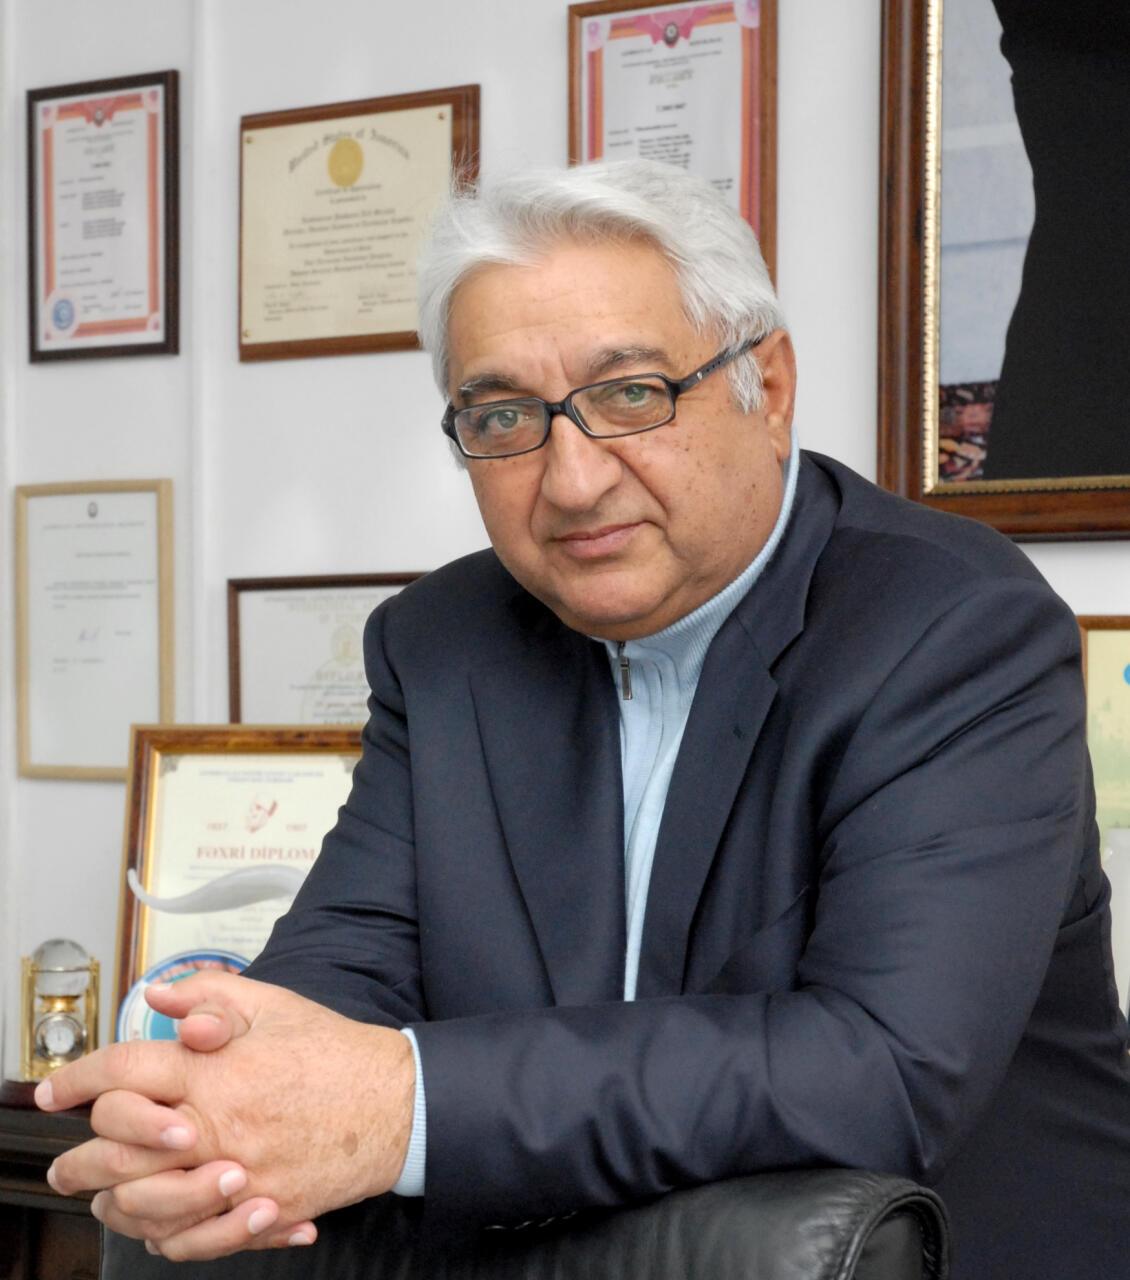 История успеха: Ариф Пашаев 25 лет у руля Академии авиации